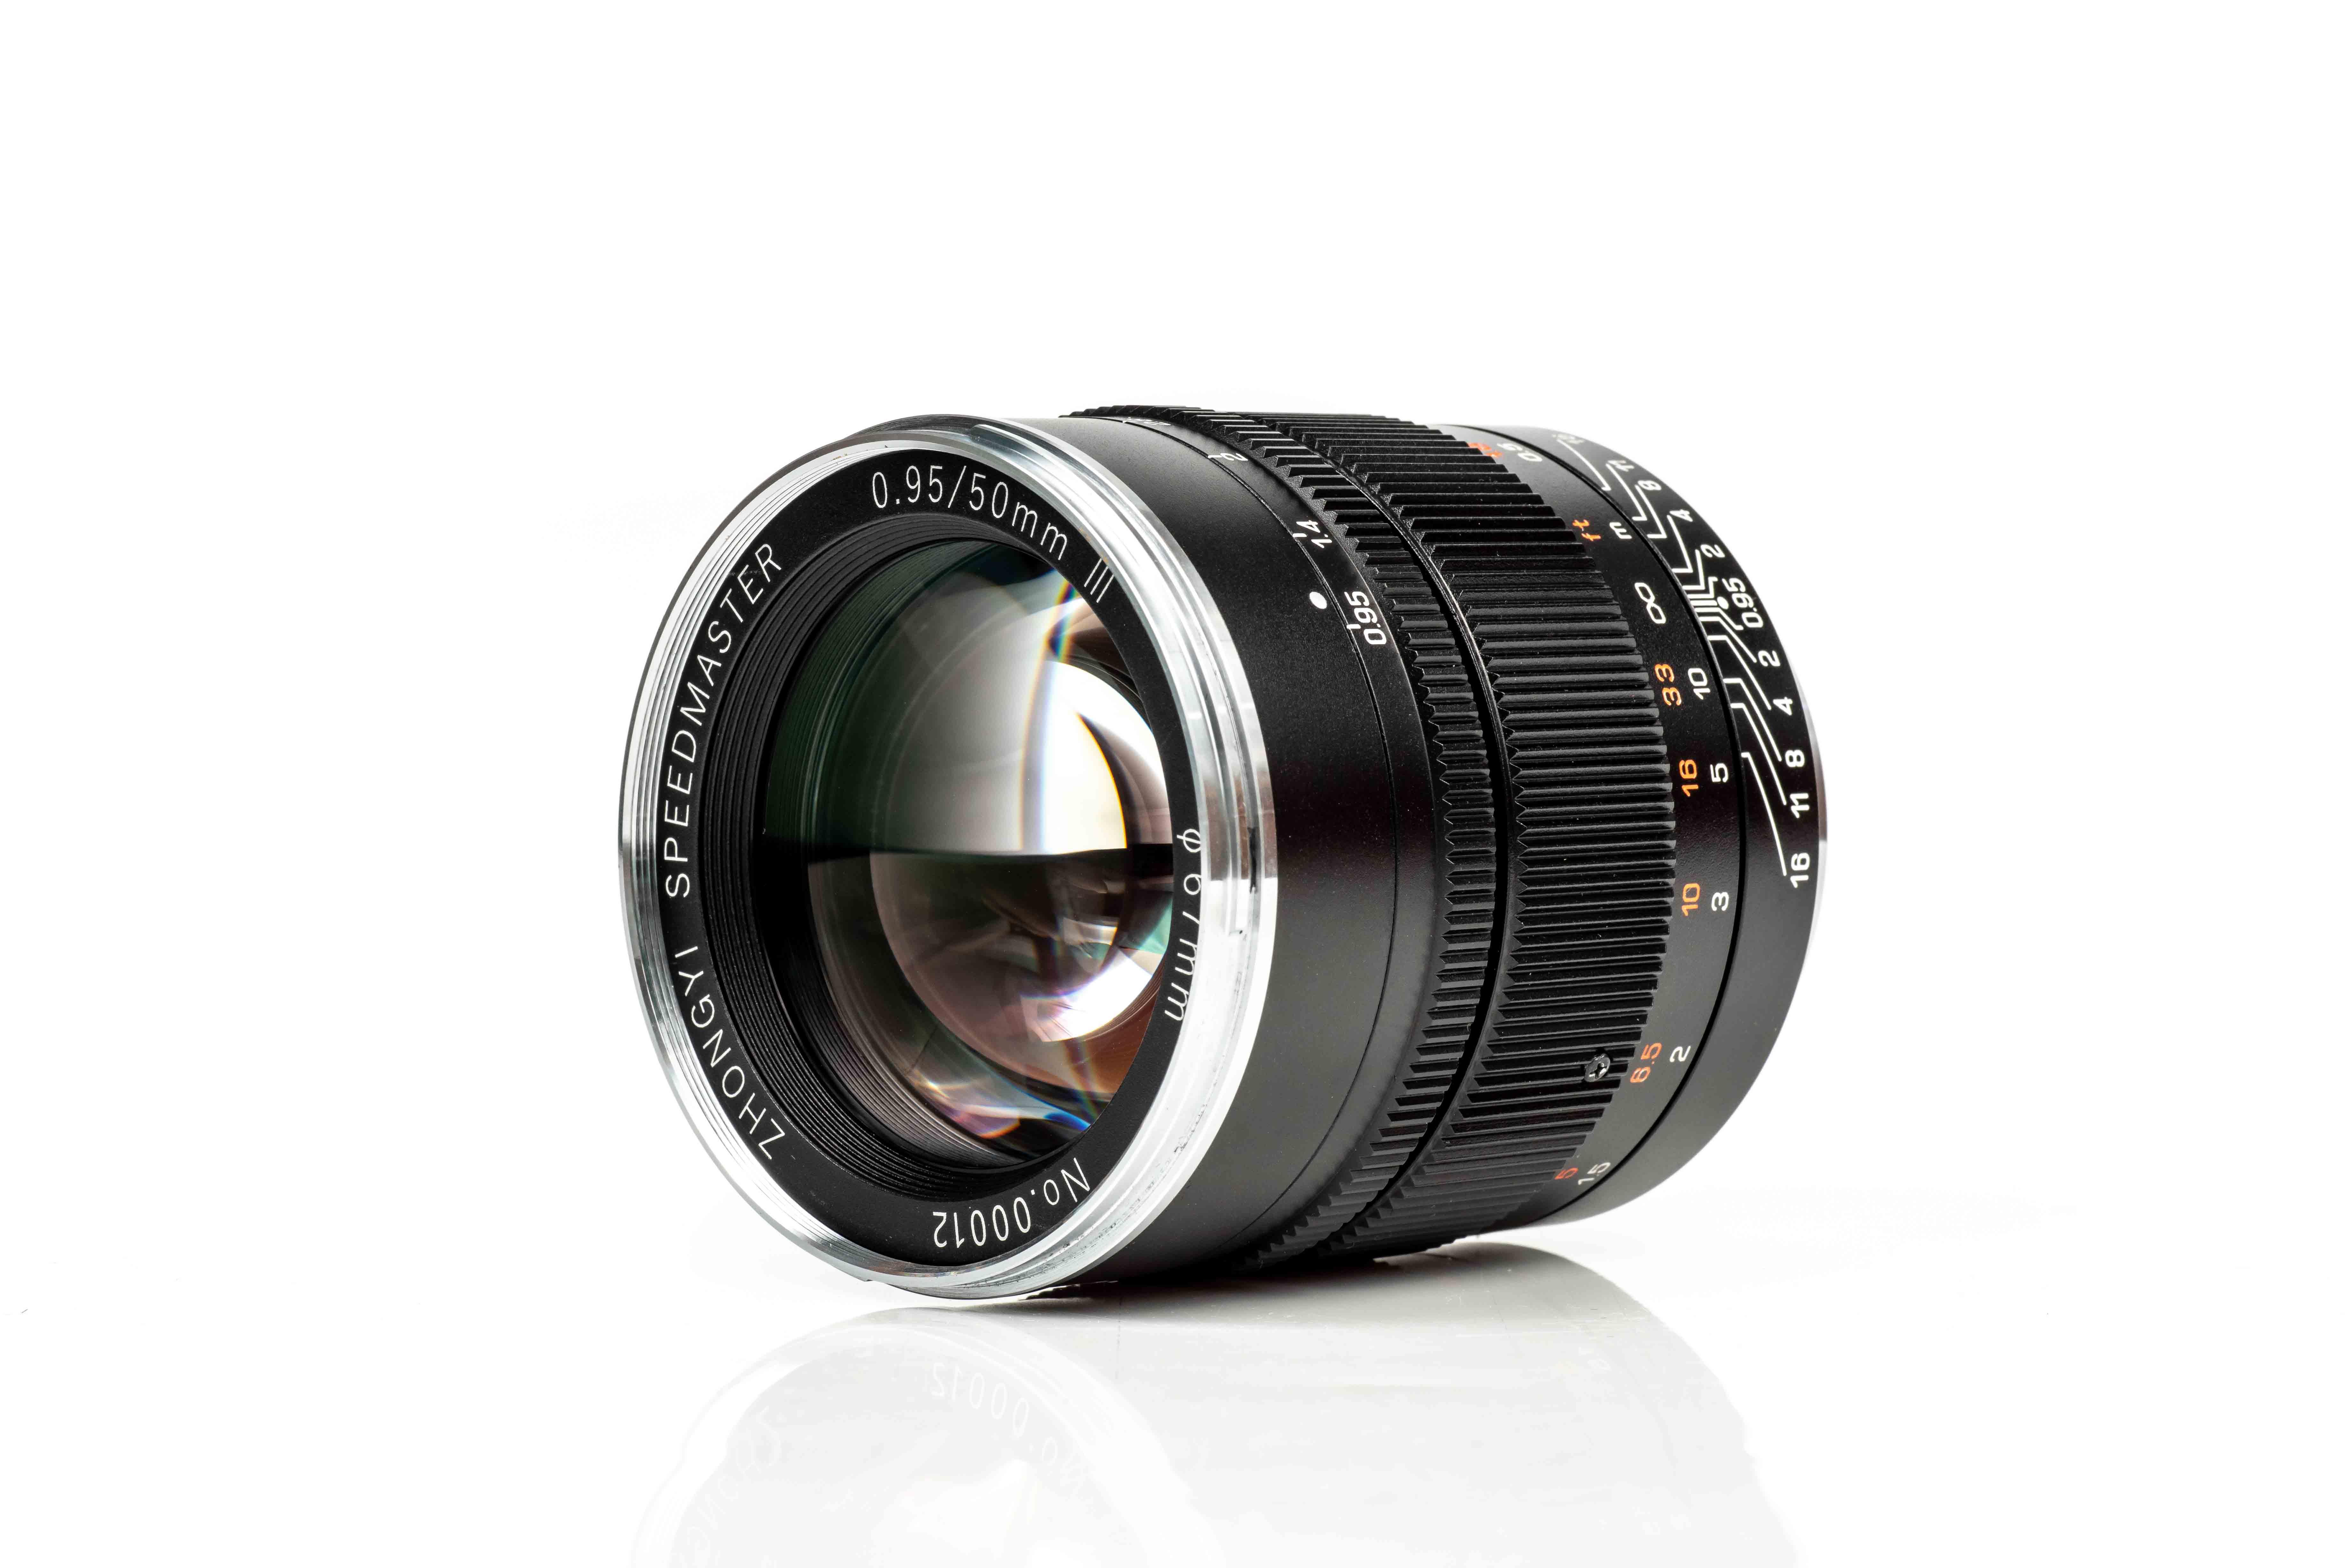 Mitakon Speedmaster 50mm f/0.95 Mk III arrives for full-frame mirrorless cameras